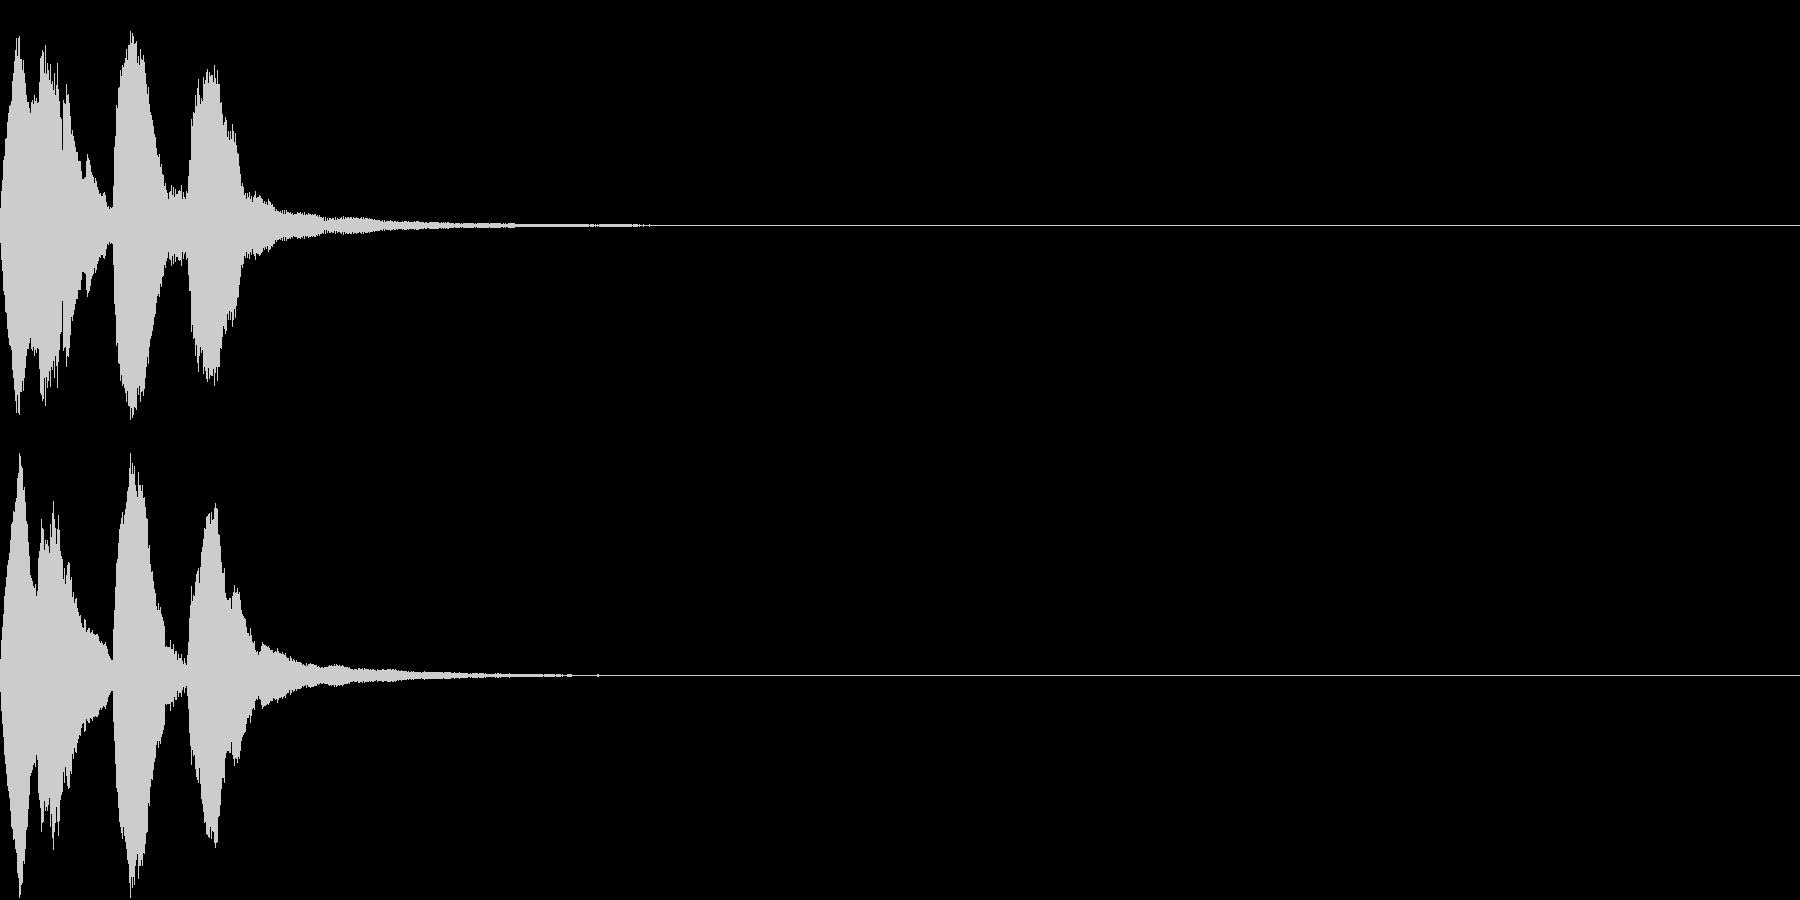 レベルアップ アイテム ヒット 3の未再生の波形